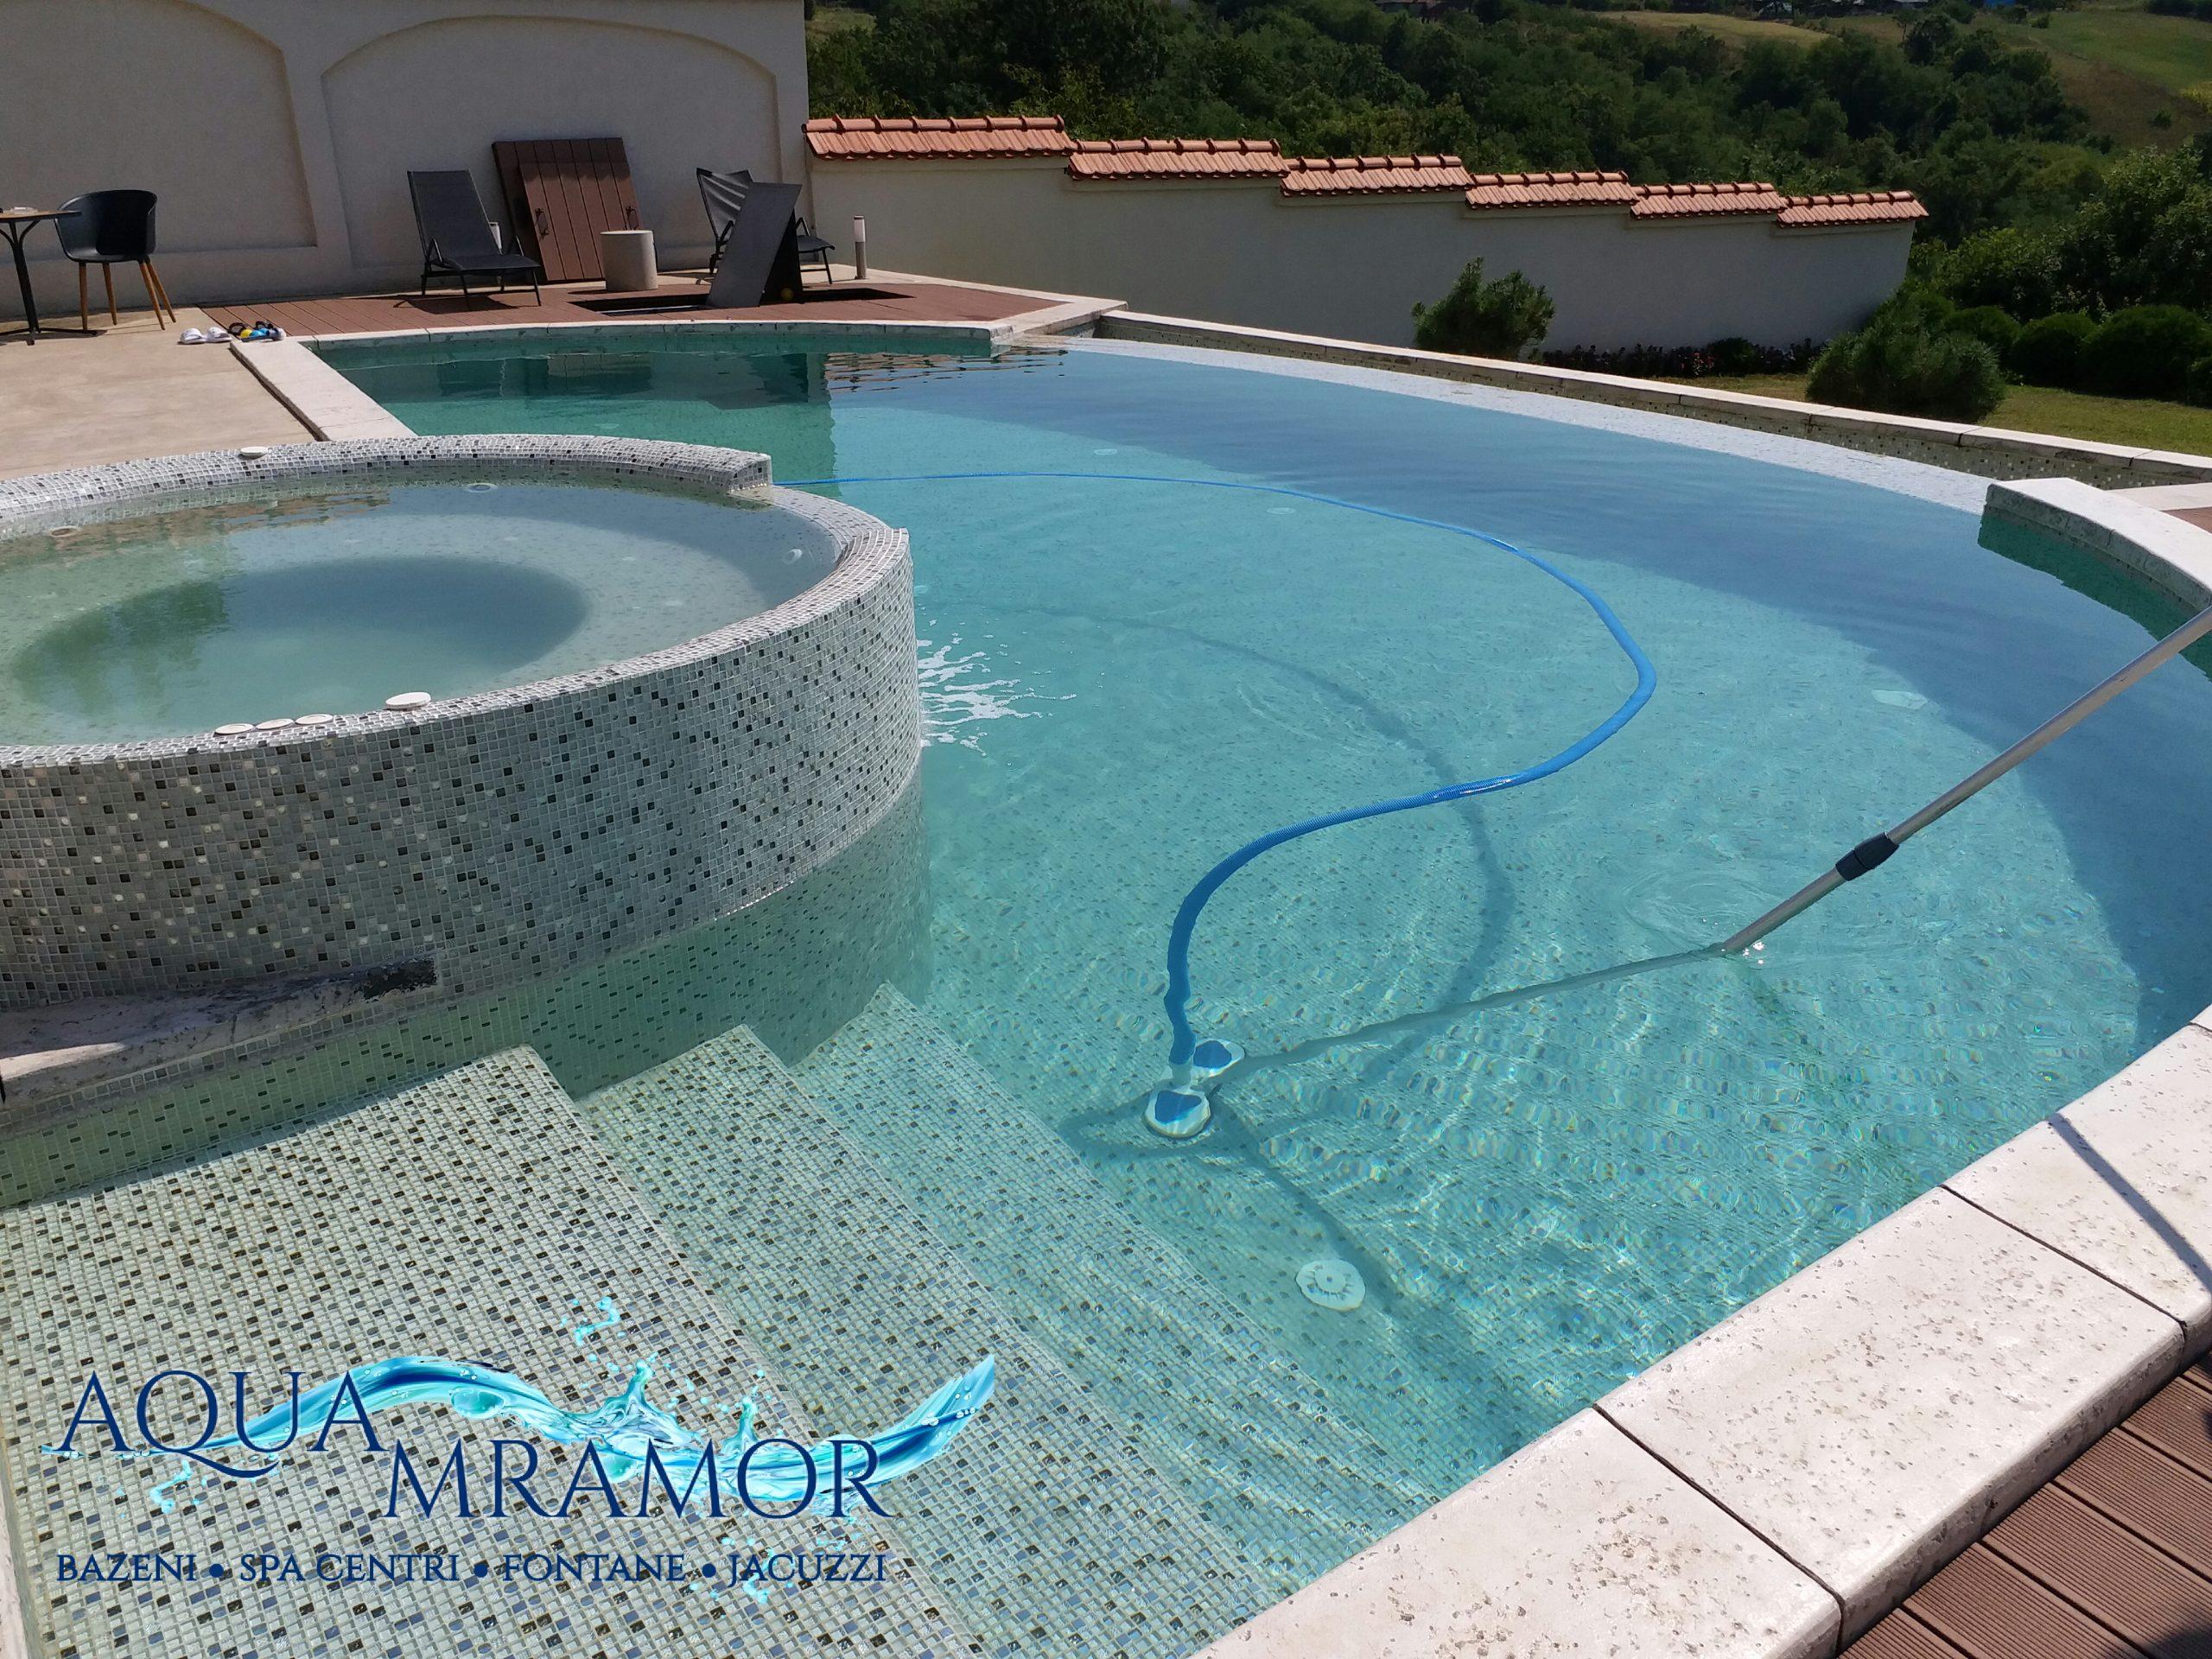 Aqua Mramor - Usisavanje bazena